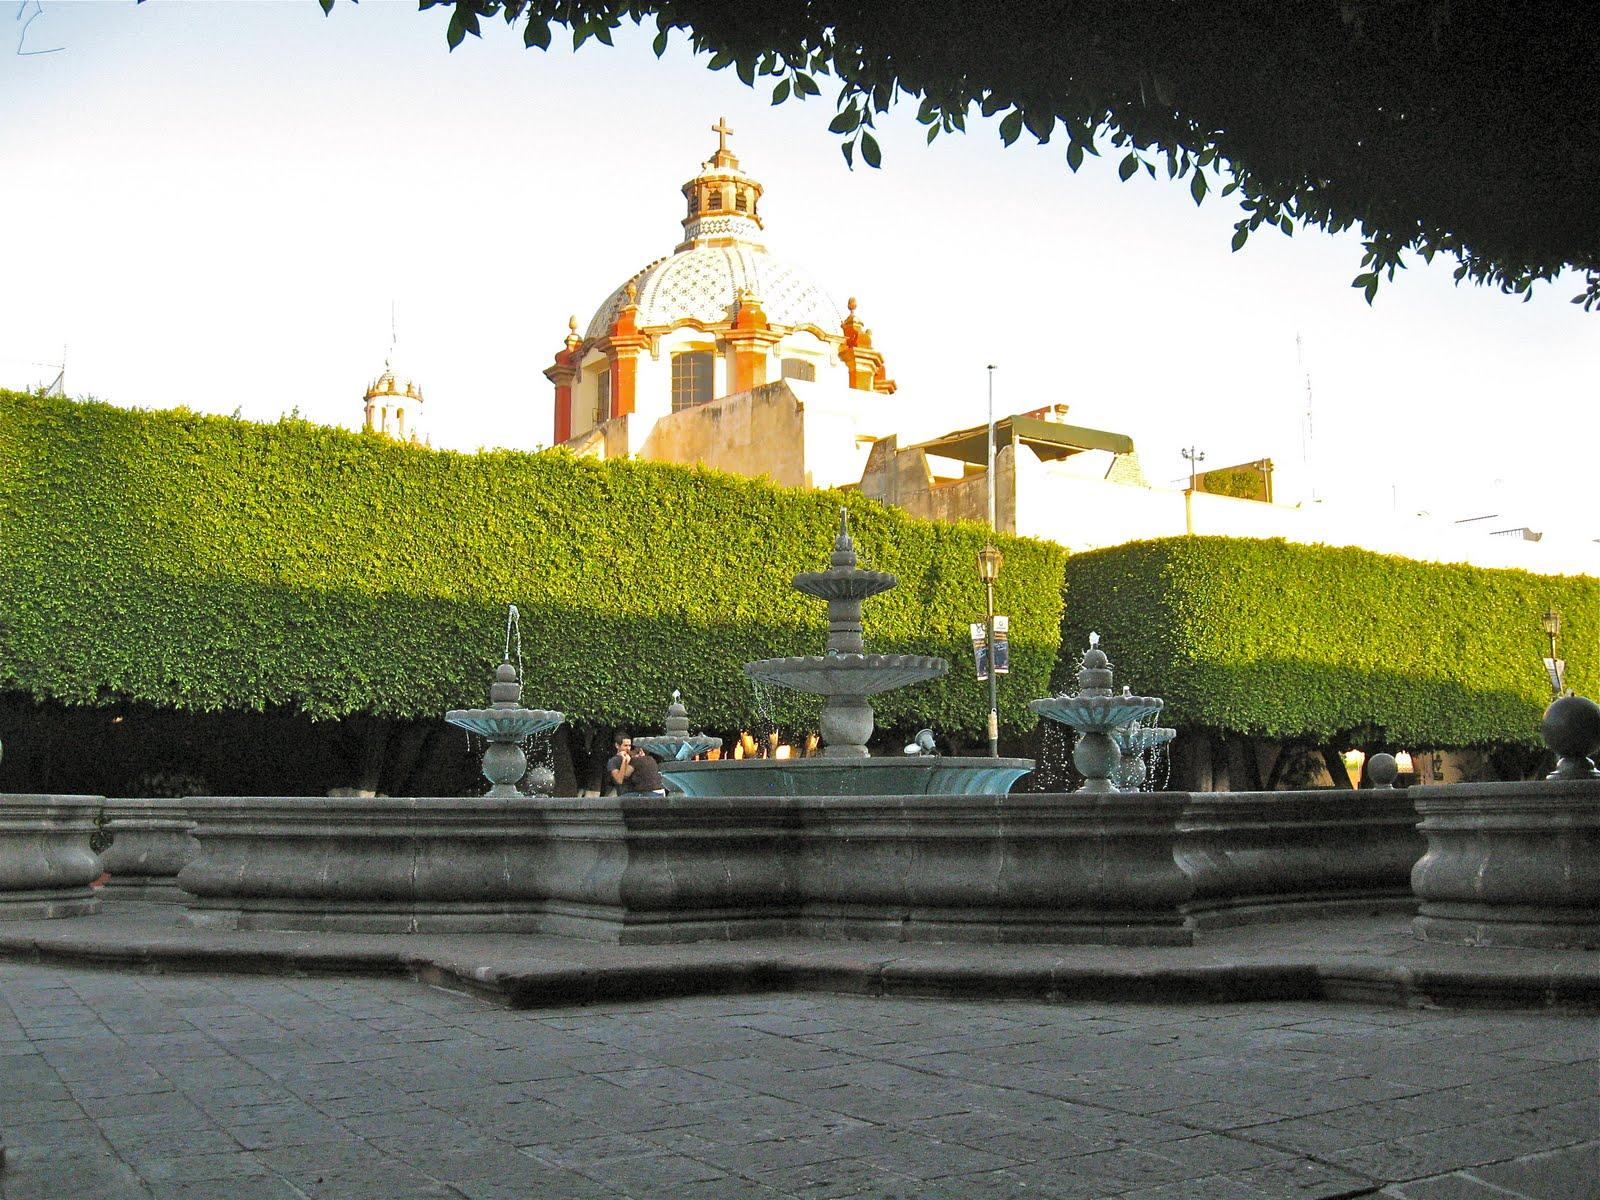 Jubilados in mexico las fuentes de queretaro for Jardin guerrero queretaro